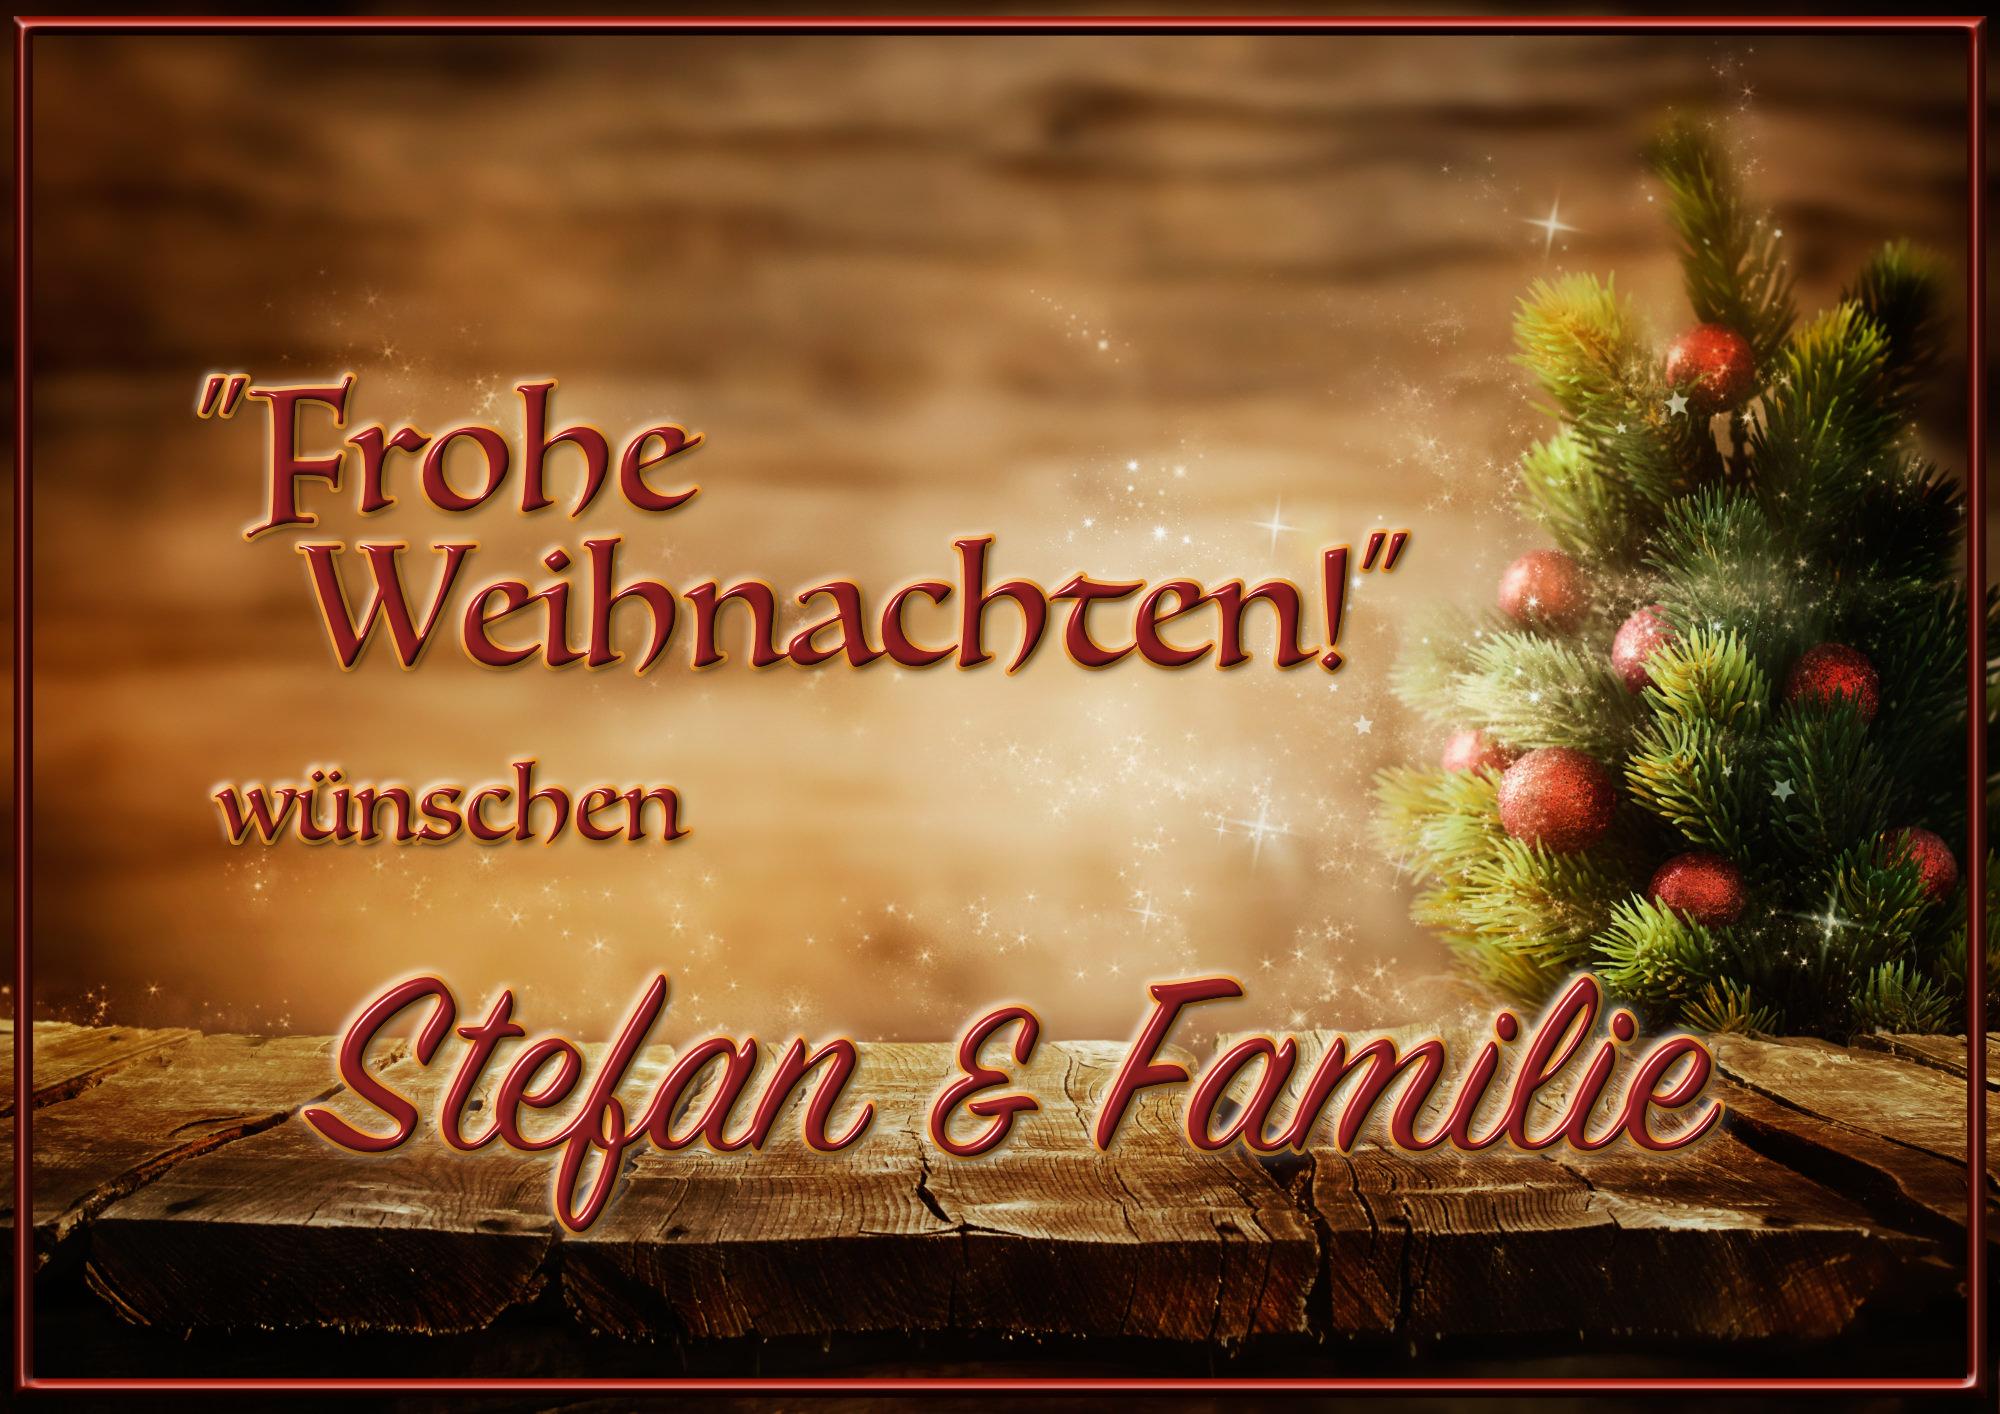 Stefan & seine Familie sowie das Team von ELFS wünschen Euch allen eine frohes und besinnliches Weihnachtsfest!